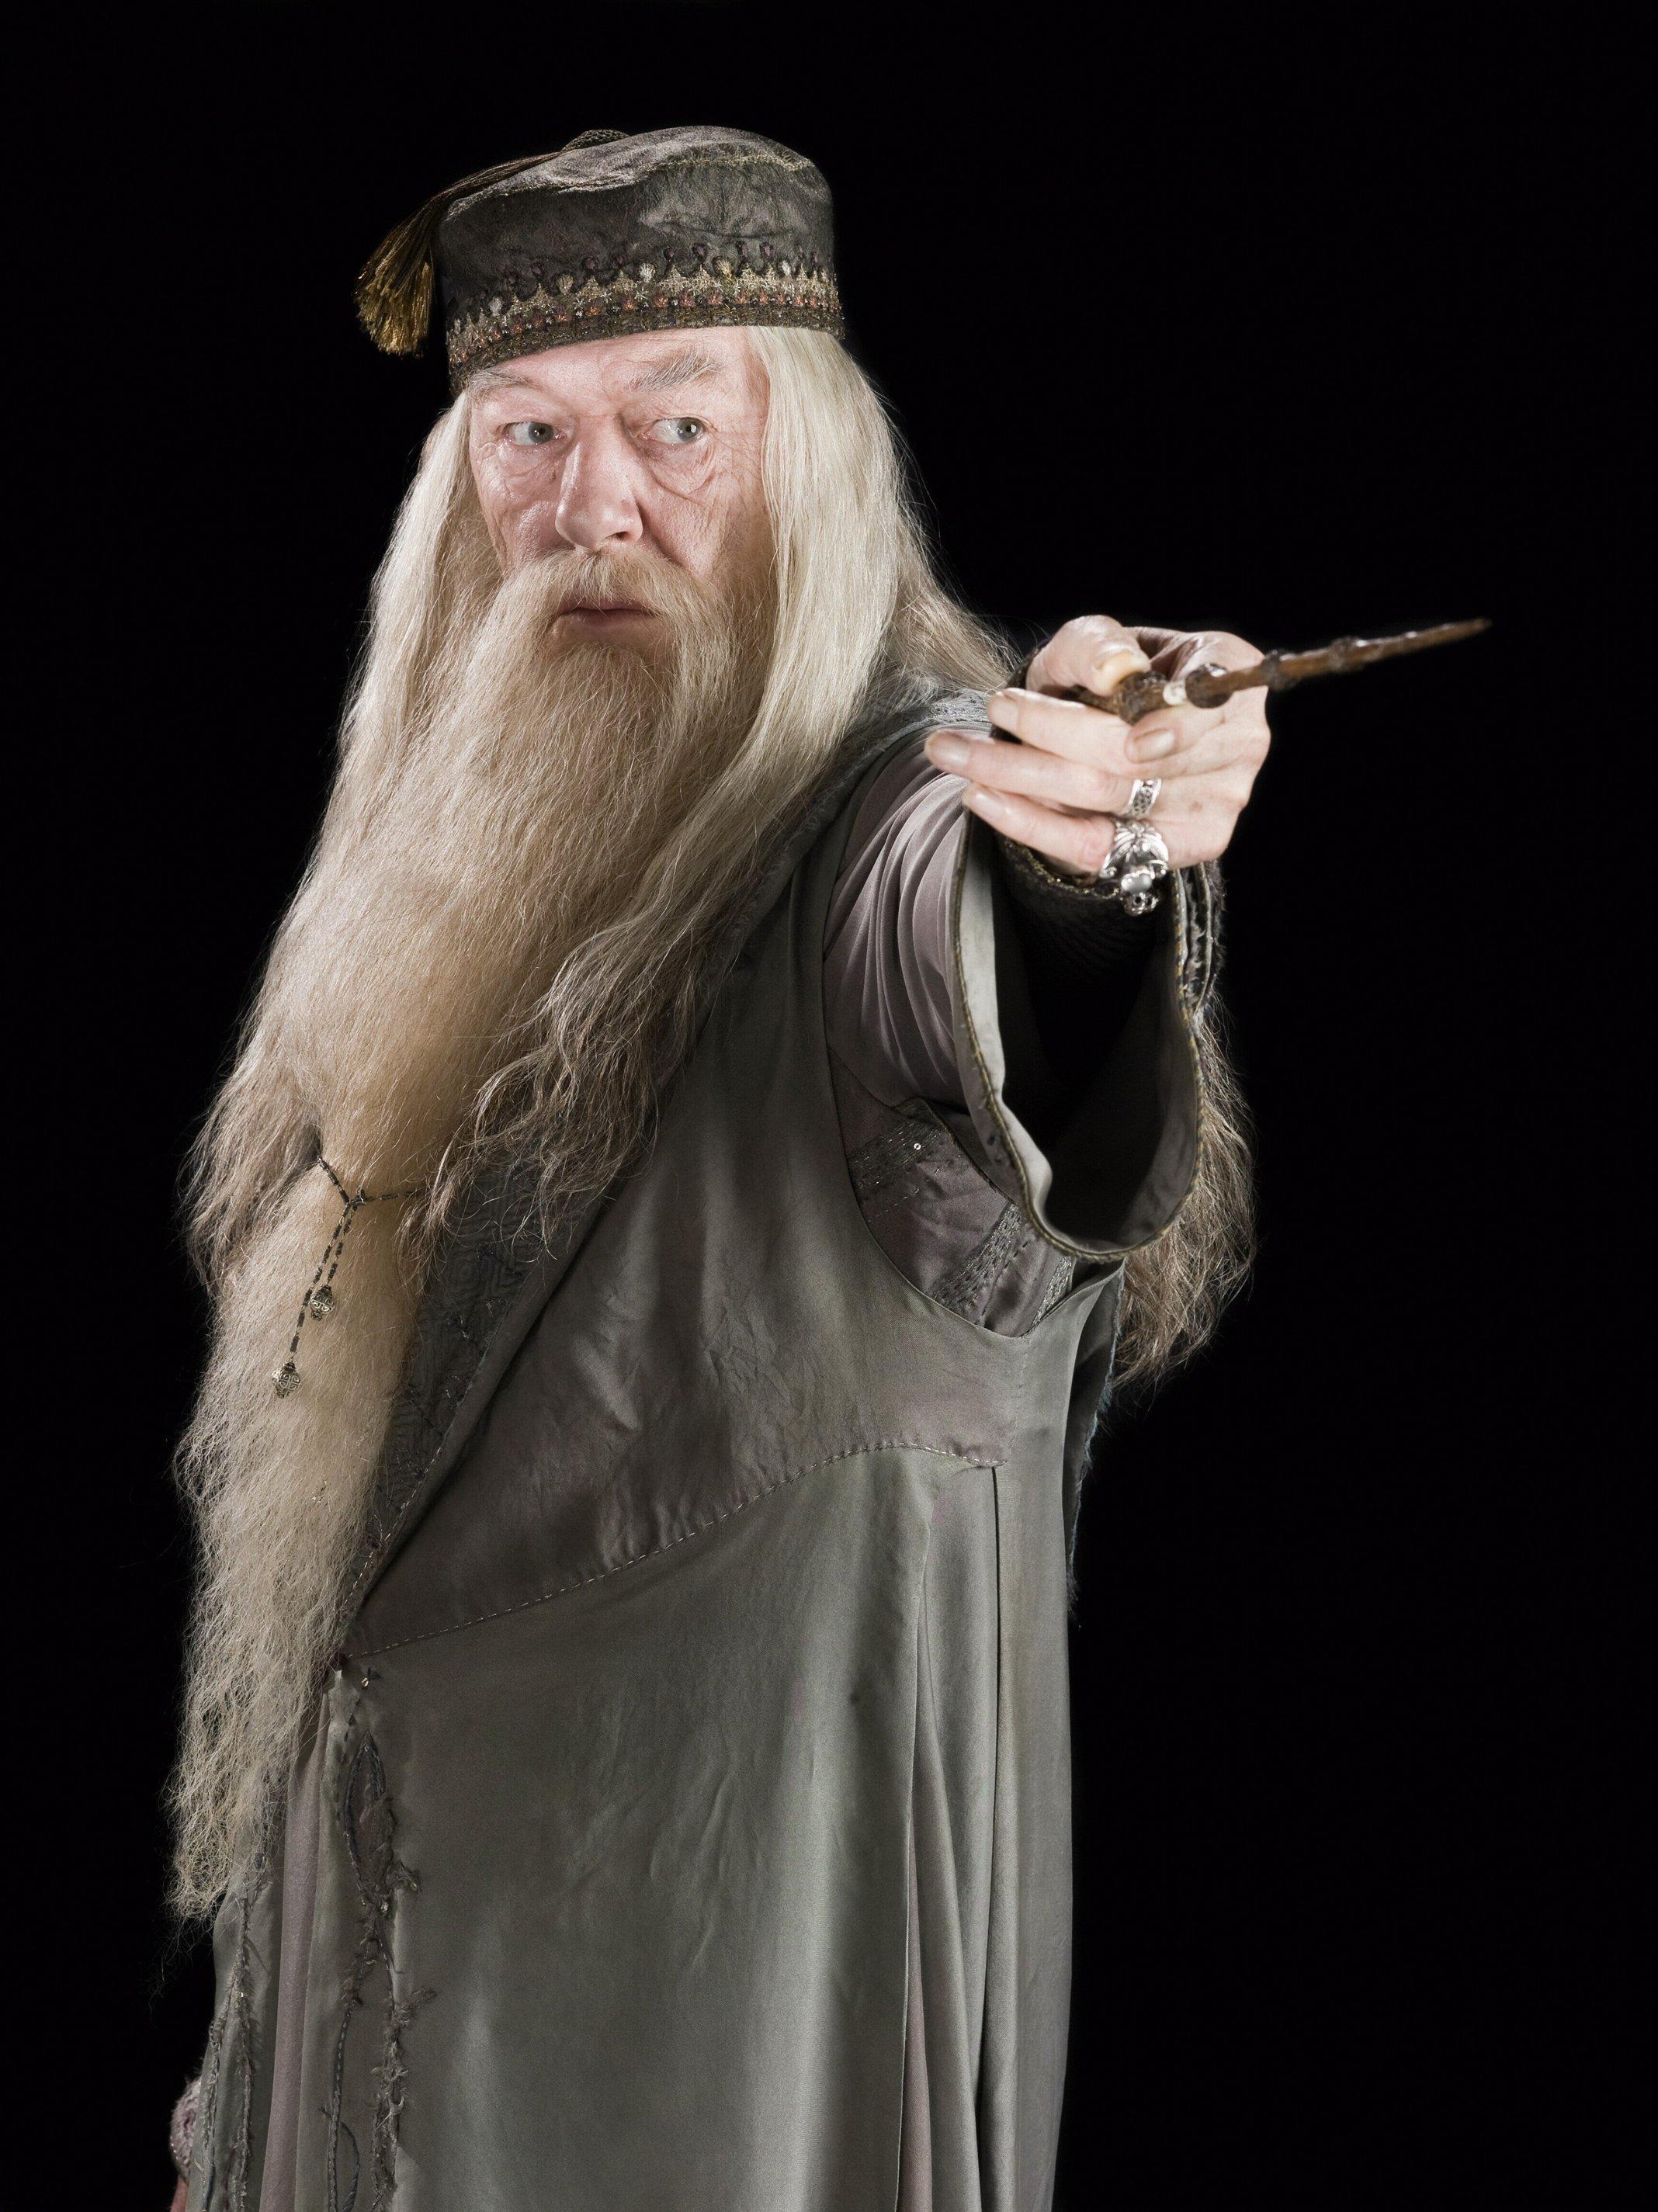 Albus_Dumbledore_%28HBP_promo%29_3.jpg